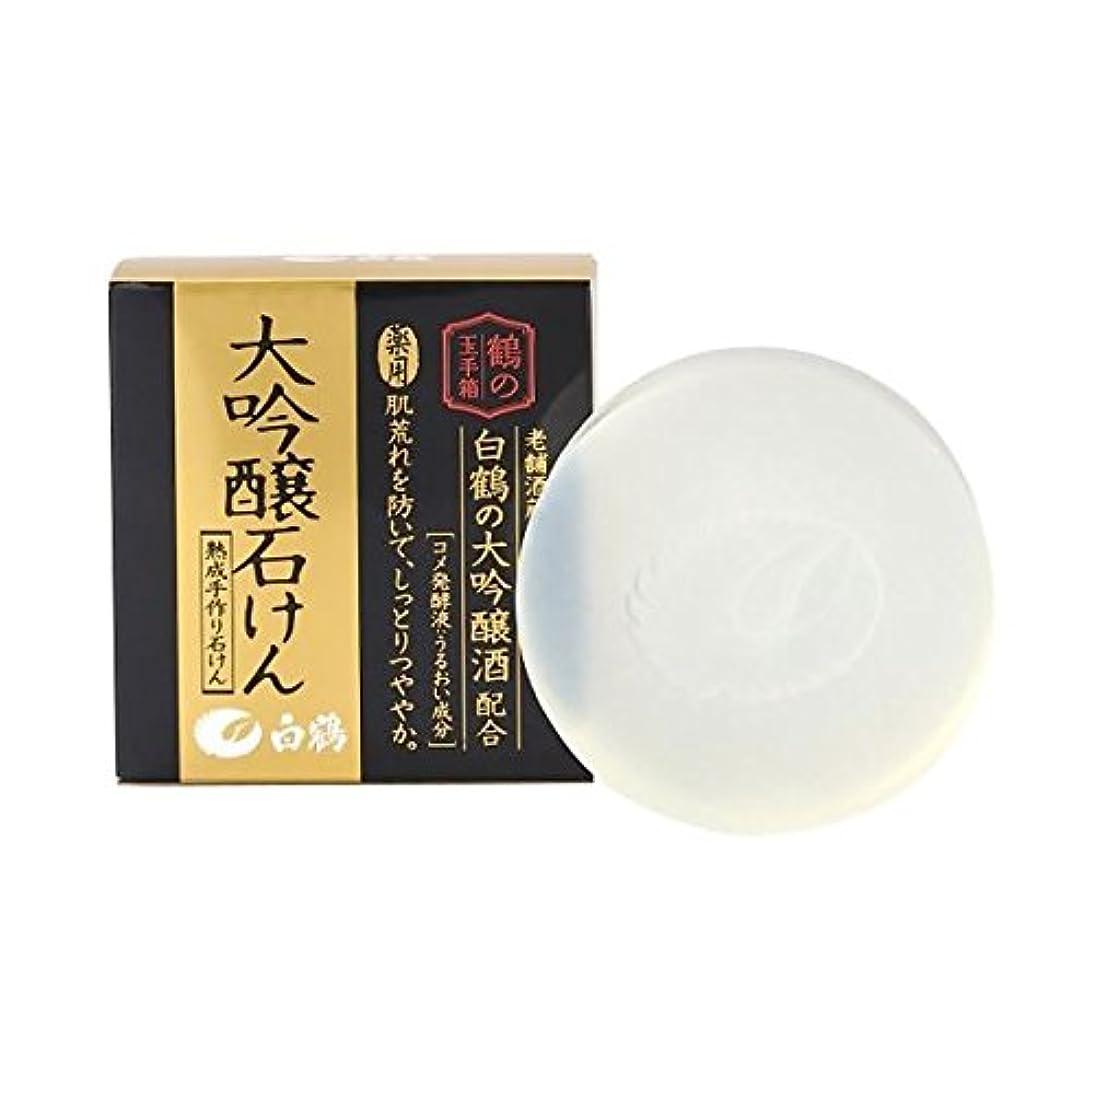 敏感な捨てるタオル白鶴 鶴の玉手箱 大吟醸石けん 100g × 3個 (薬用)(医薬部外品)